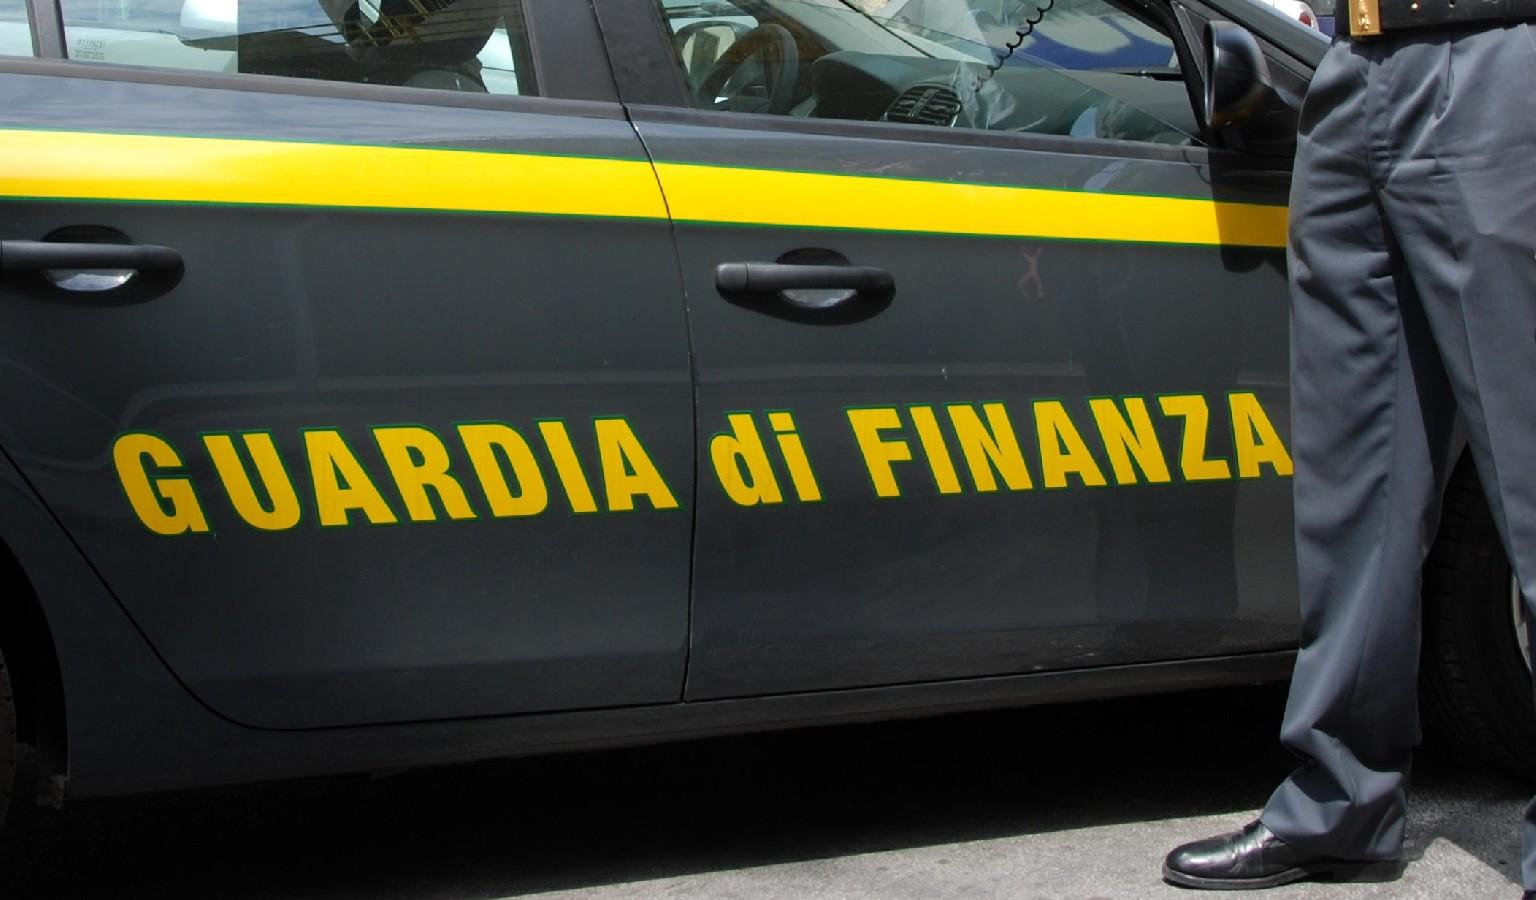 La Guardia di Finanza sequestra  i conti correnti ad un  Notaio di Sciacca